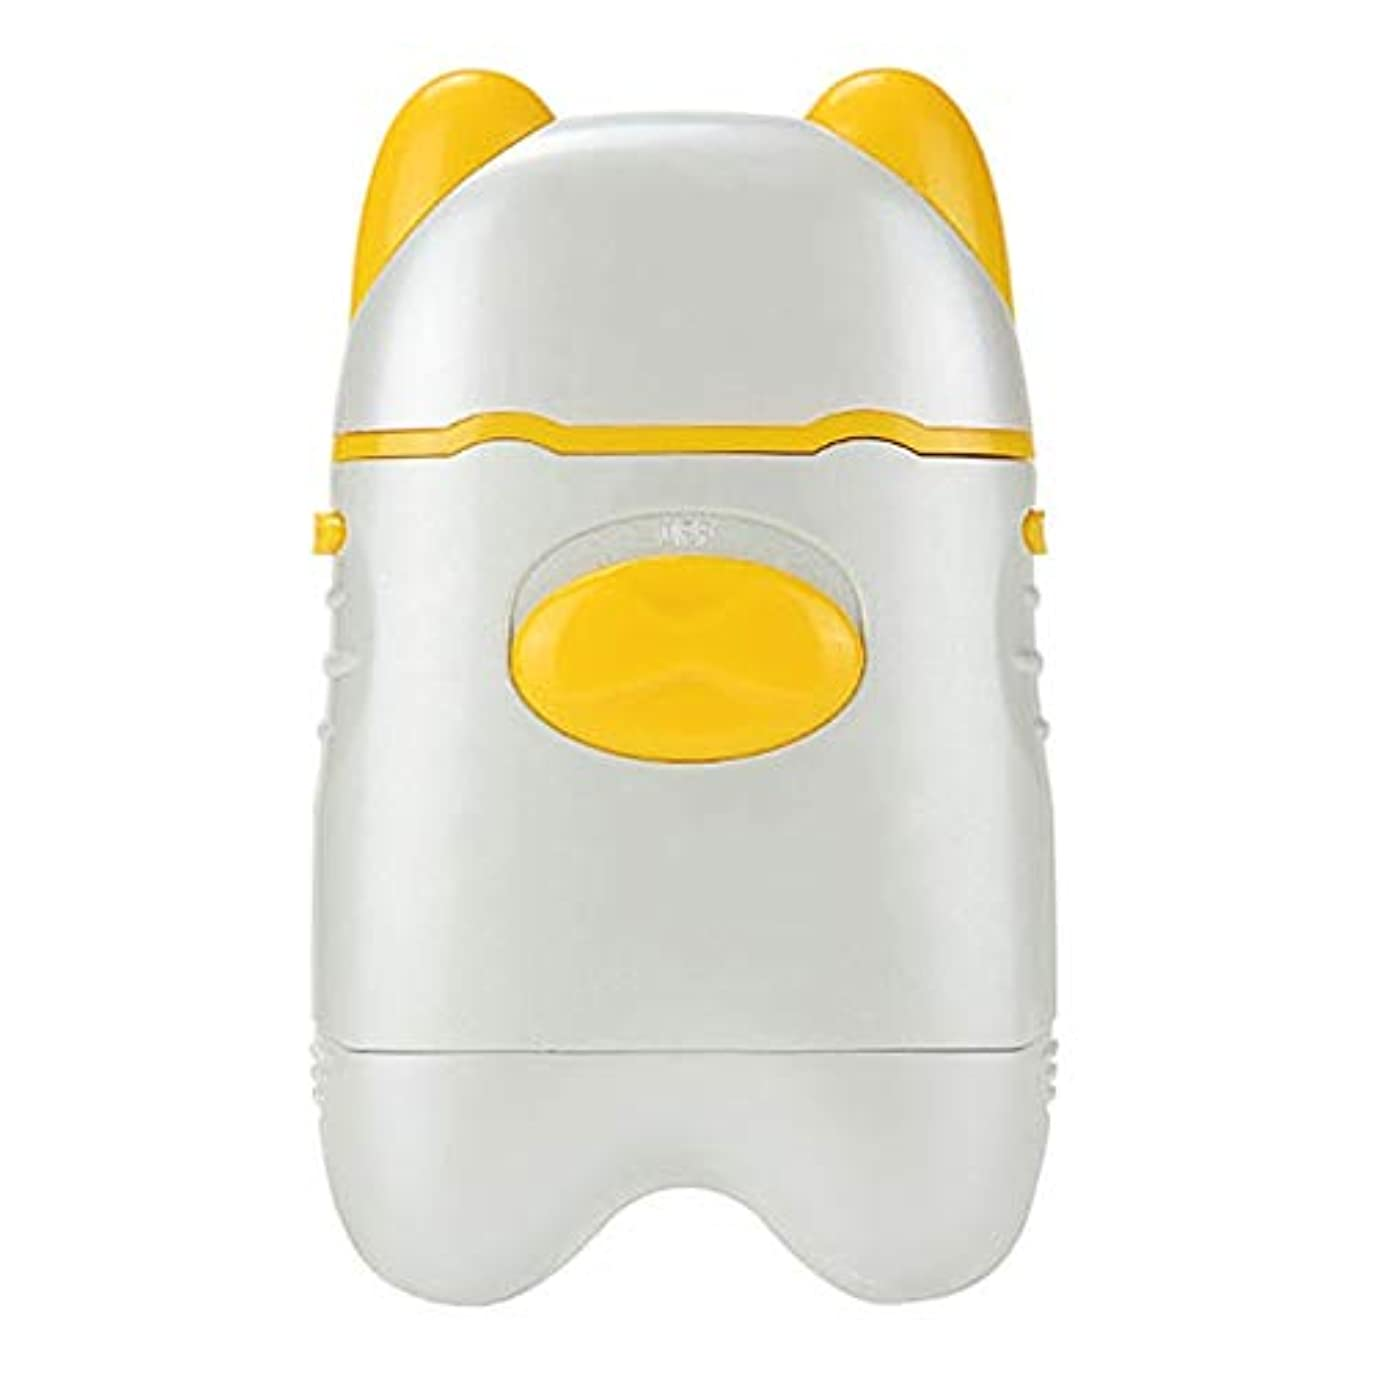 レーザ人気磁気電気子供のネイルはさみクリッパーズ自動マニキュアナイフドライバッテリー電動ネイルポリッシャーネイル